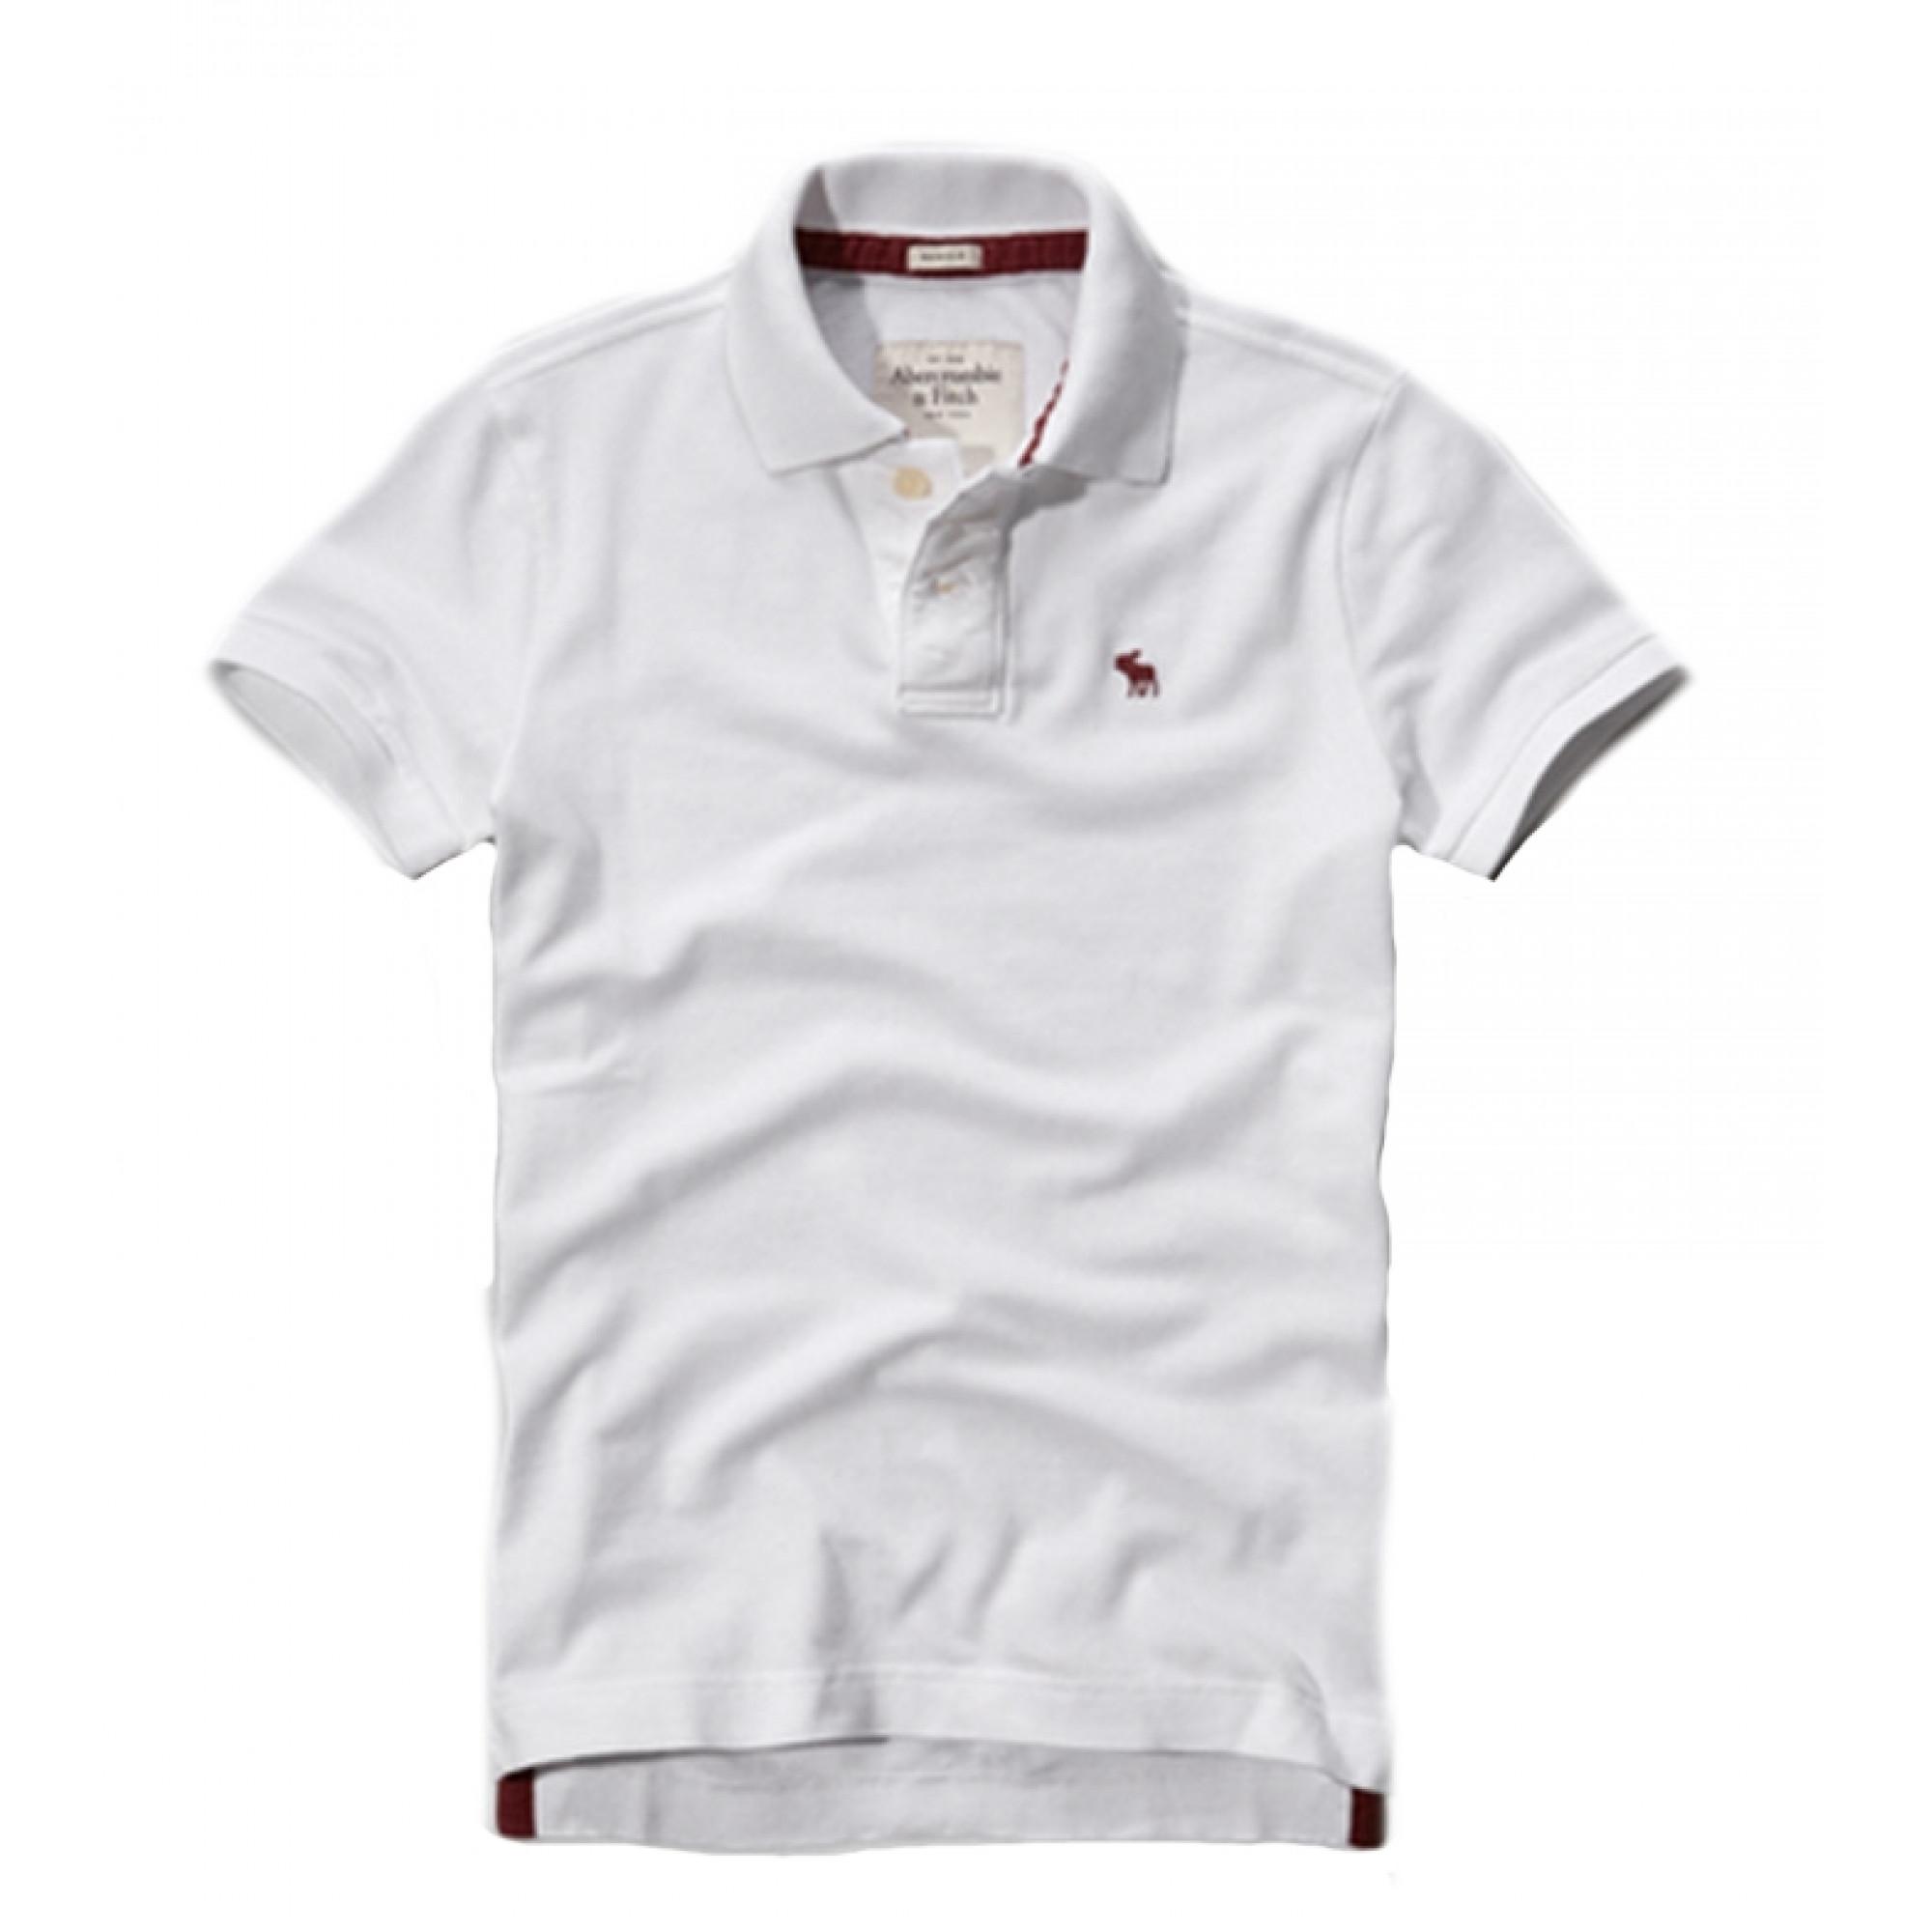 Белая футболка-поло A F с лосем d6ecb0034c7